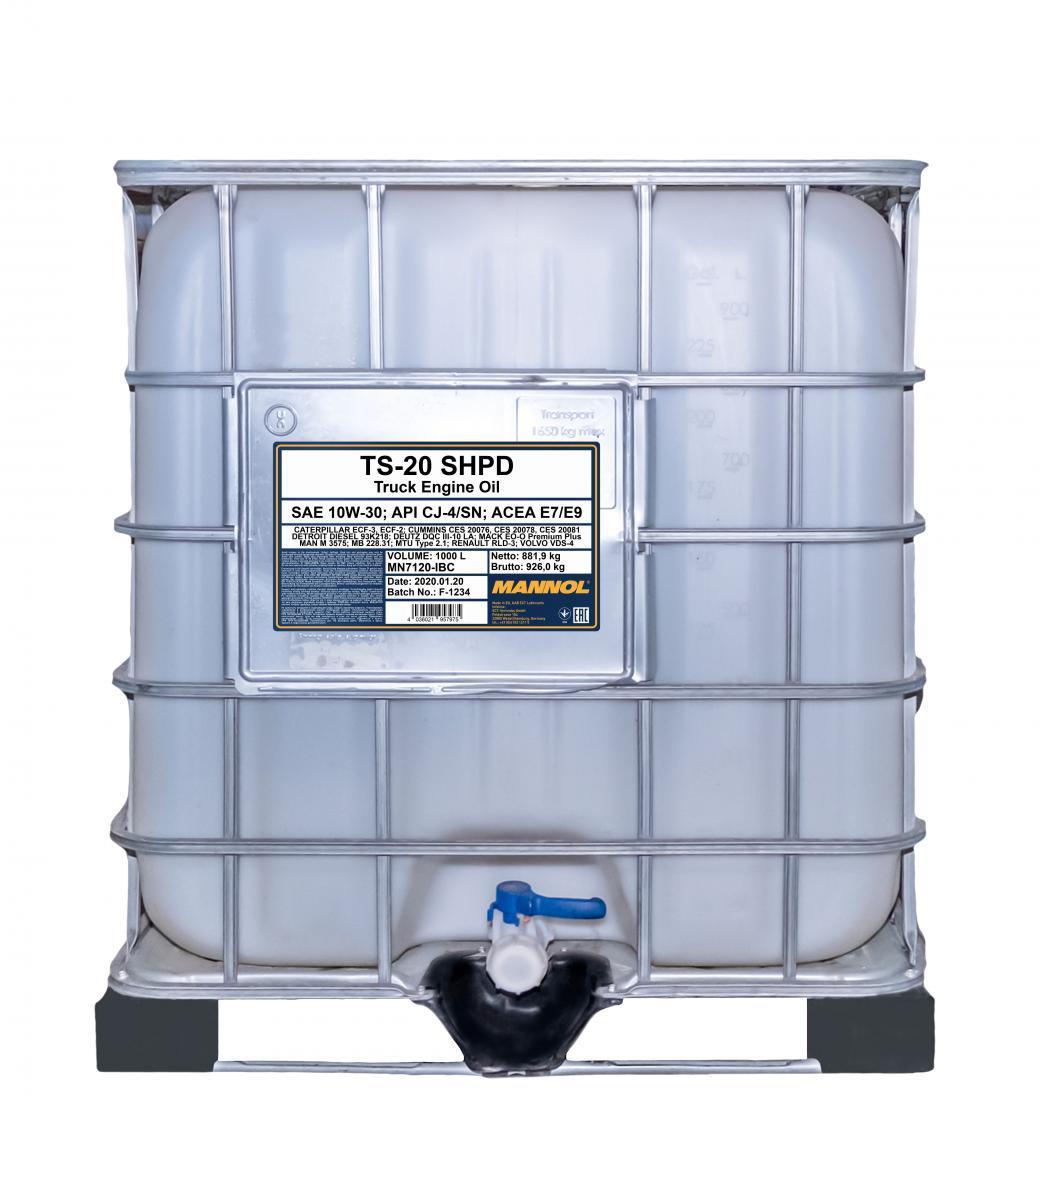 MN7120-IBC MANNOL TS-20, SHPD 10W-30, 1000l Motoröl MN7120-IBC günstig kaufen